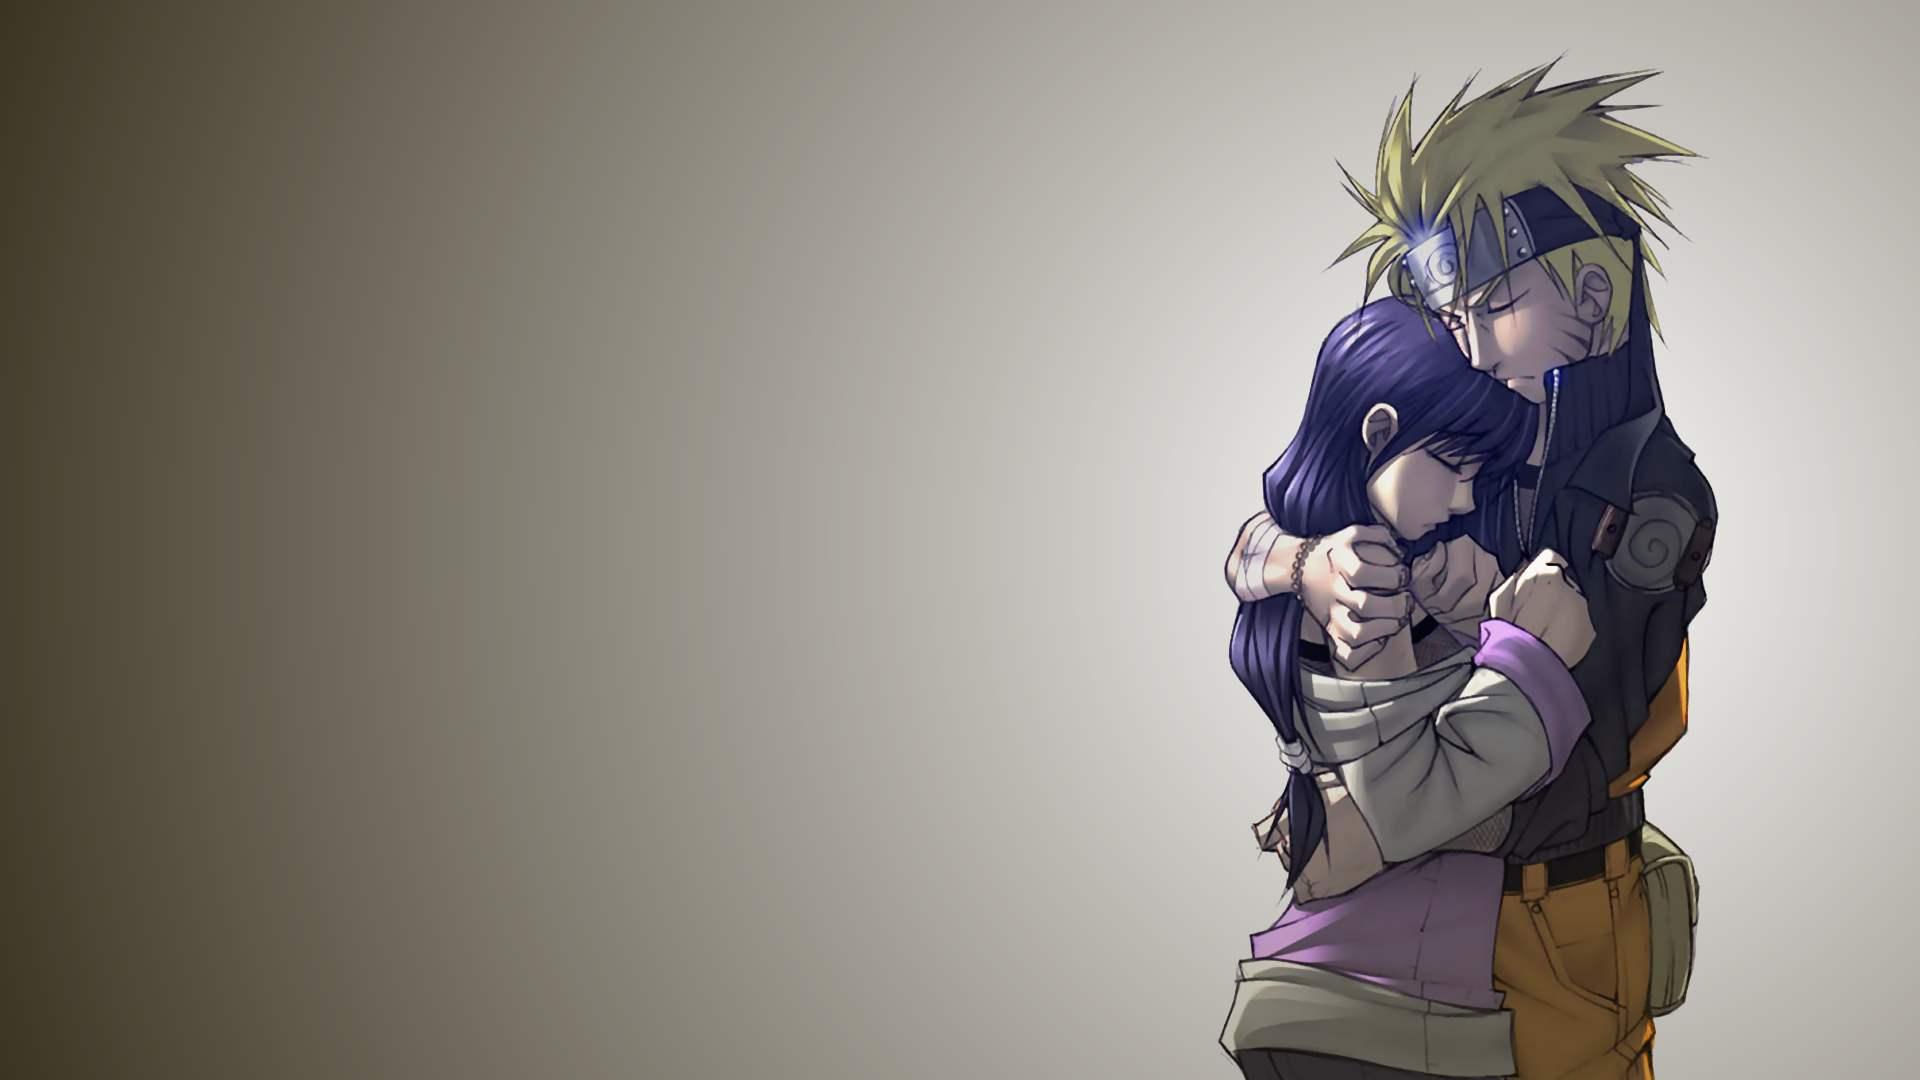 Download the Naruto anime wallpaper titled Naruto and Hinata 1920x1080